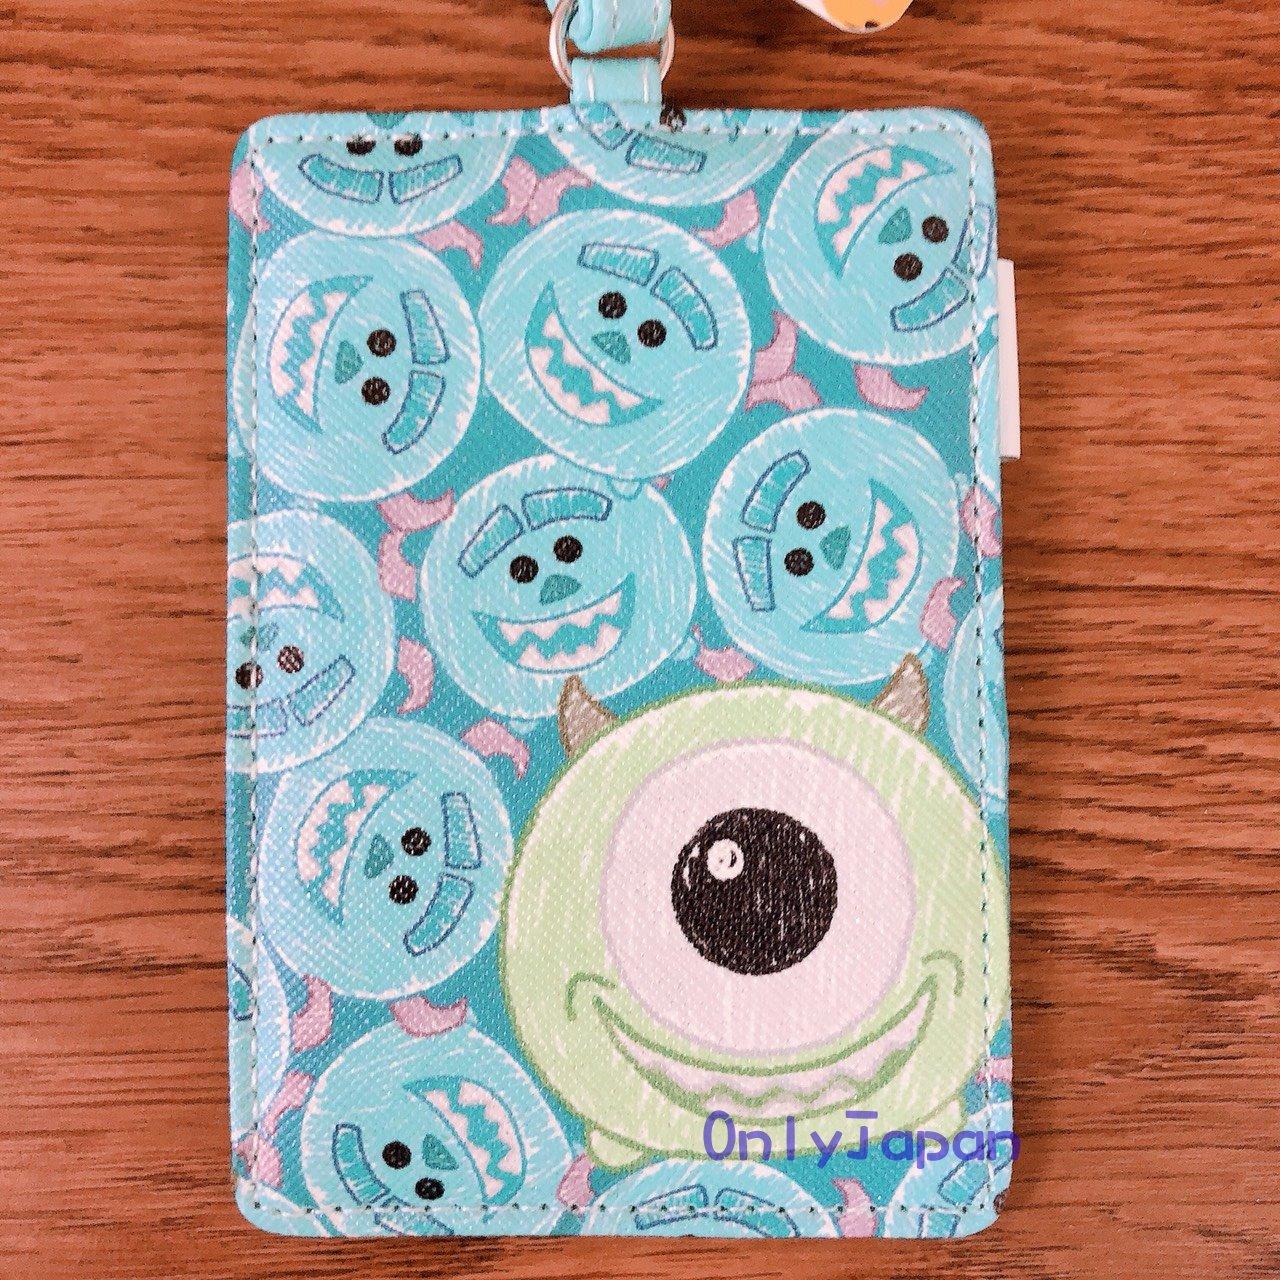 【真愛日本】18030900026 斜紋皮革票卡夾-TSUM畫筆毛怪大眼藍 怪獸大學 大眼仔 毛怪 票卡夾 卡片套